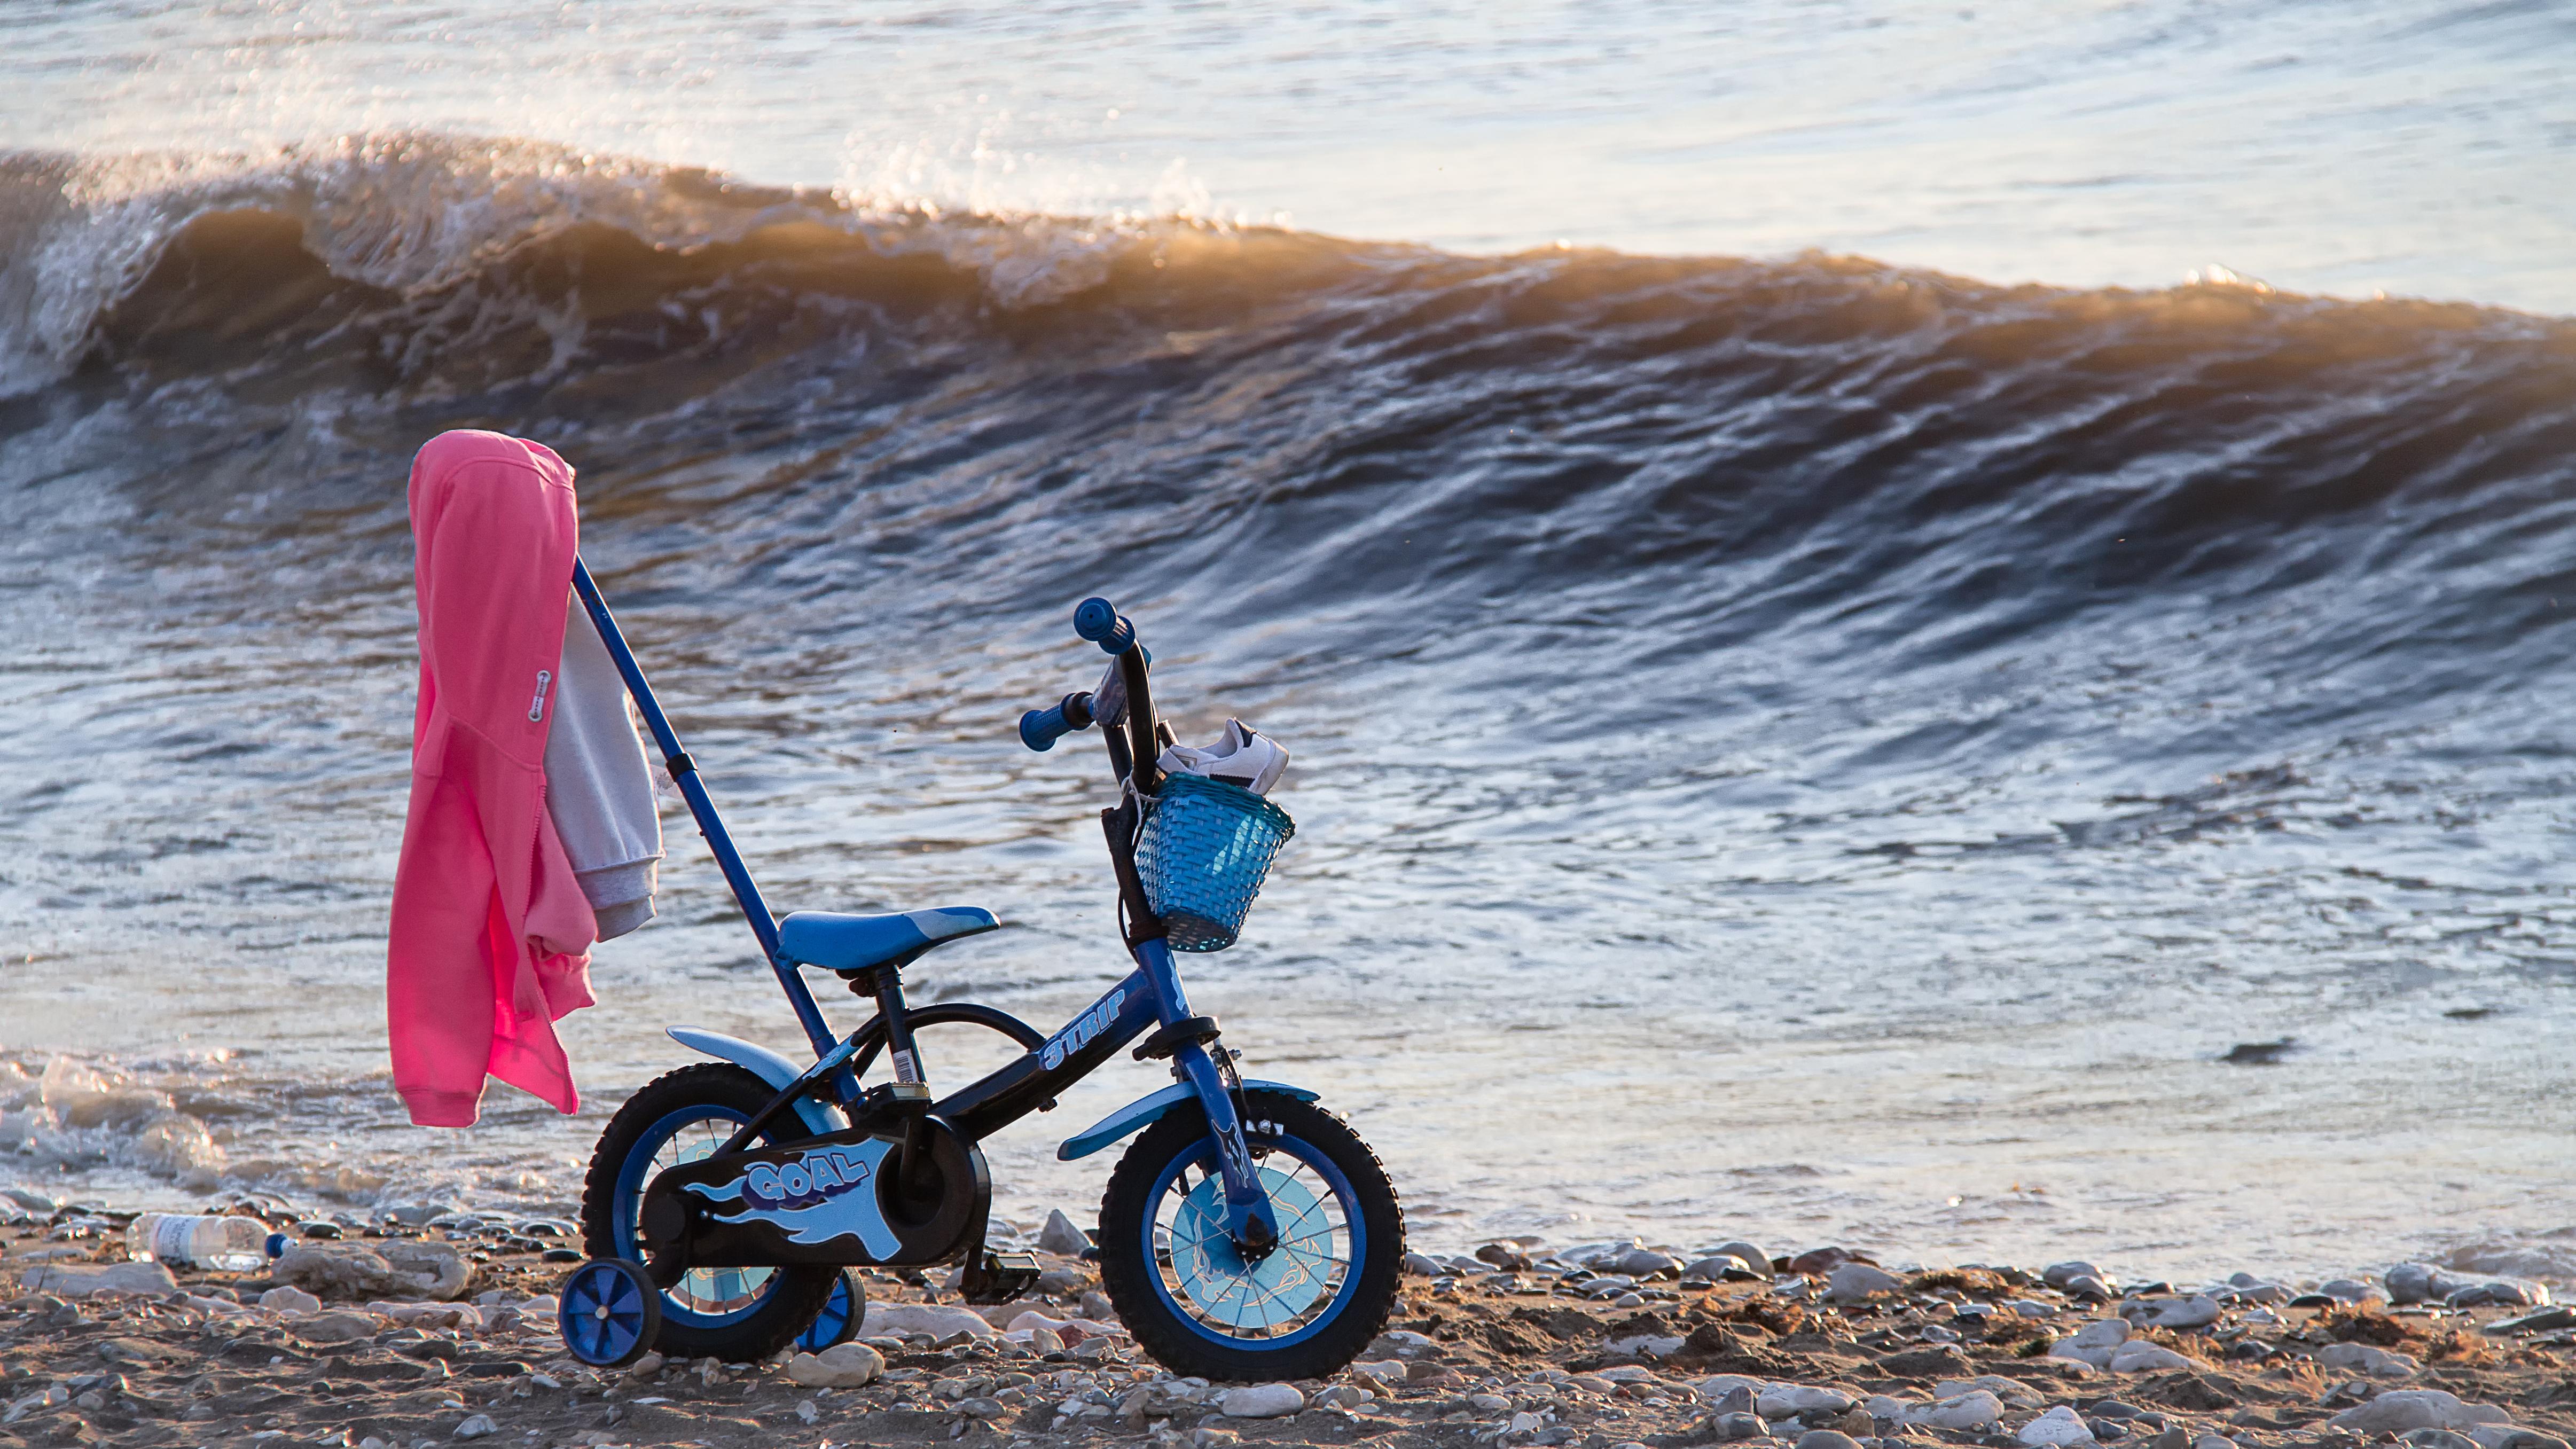 Bike on the beach photo